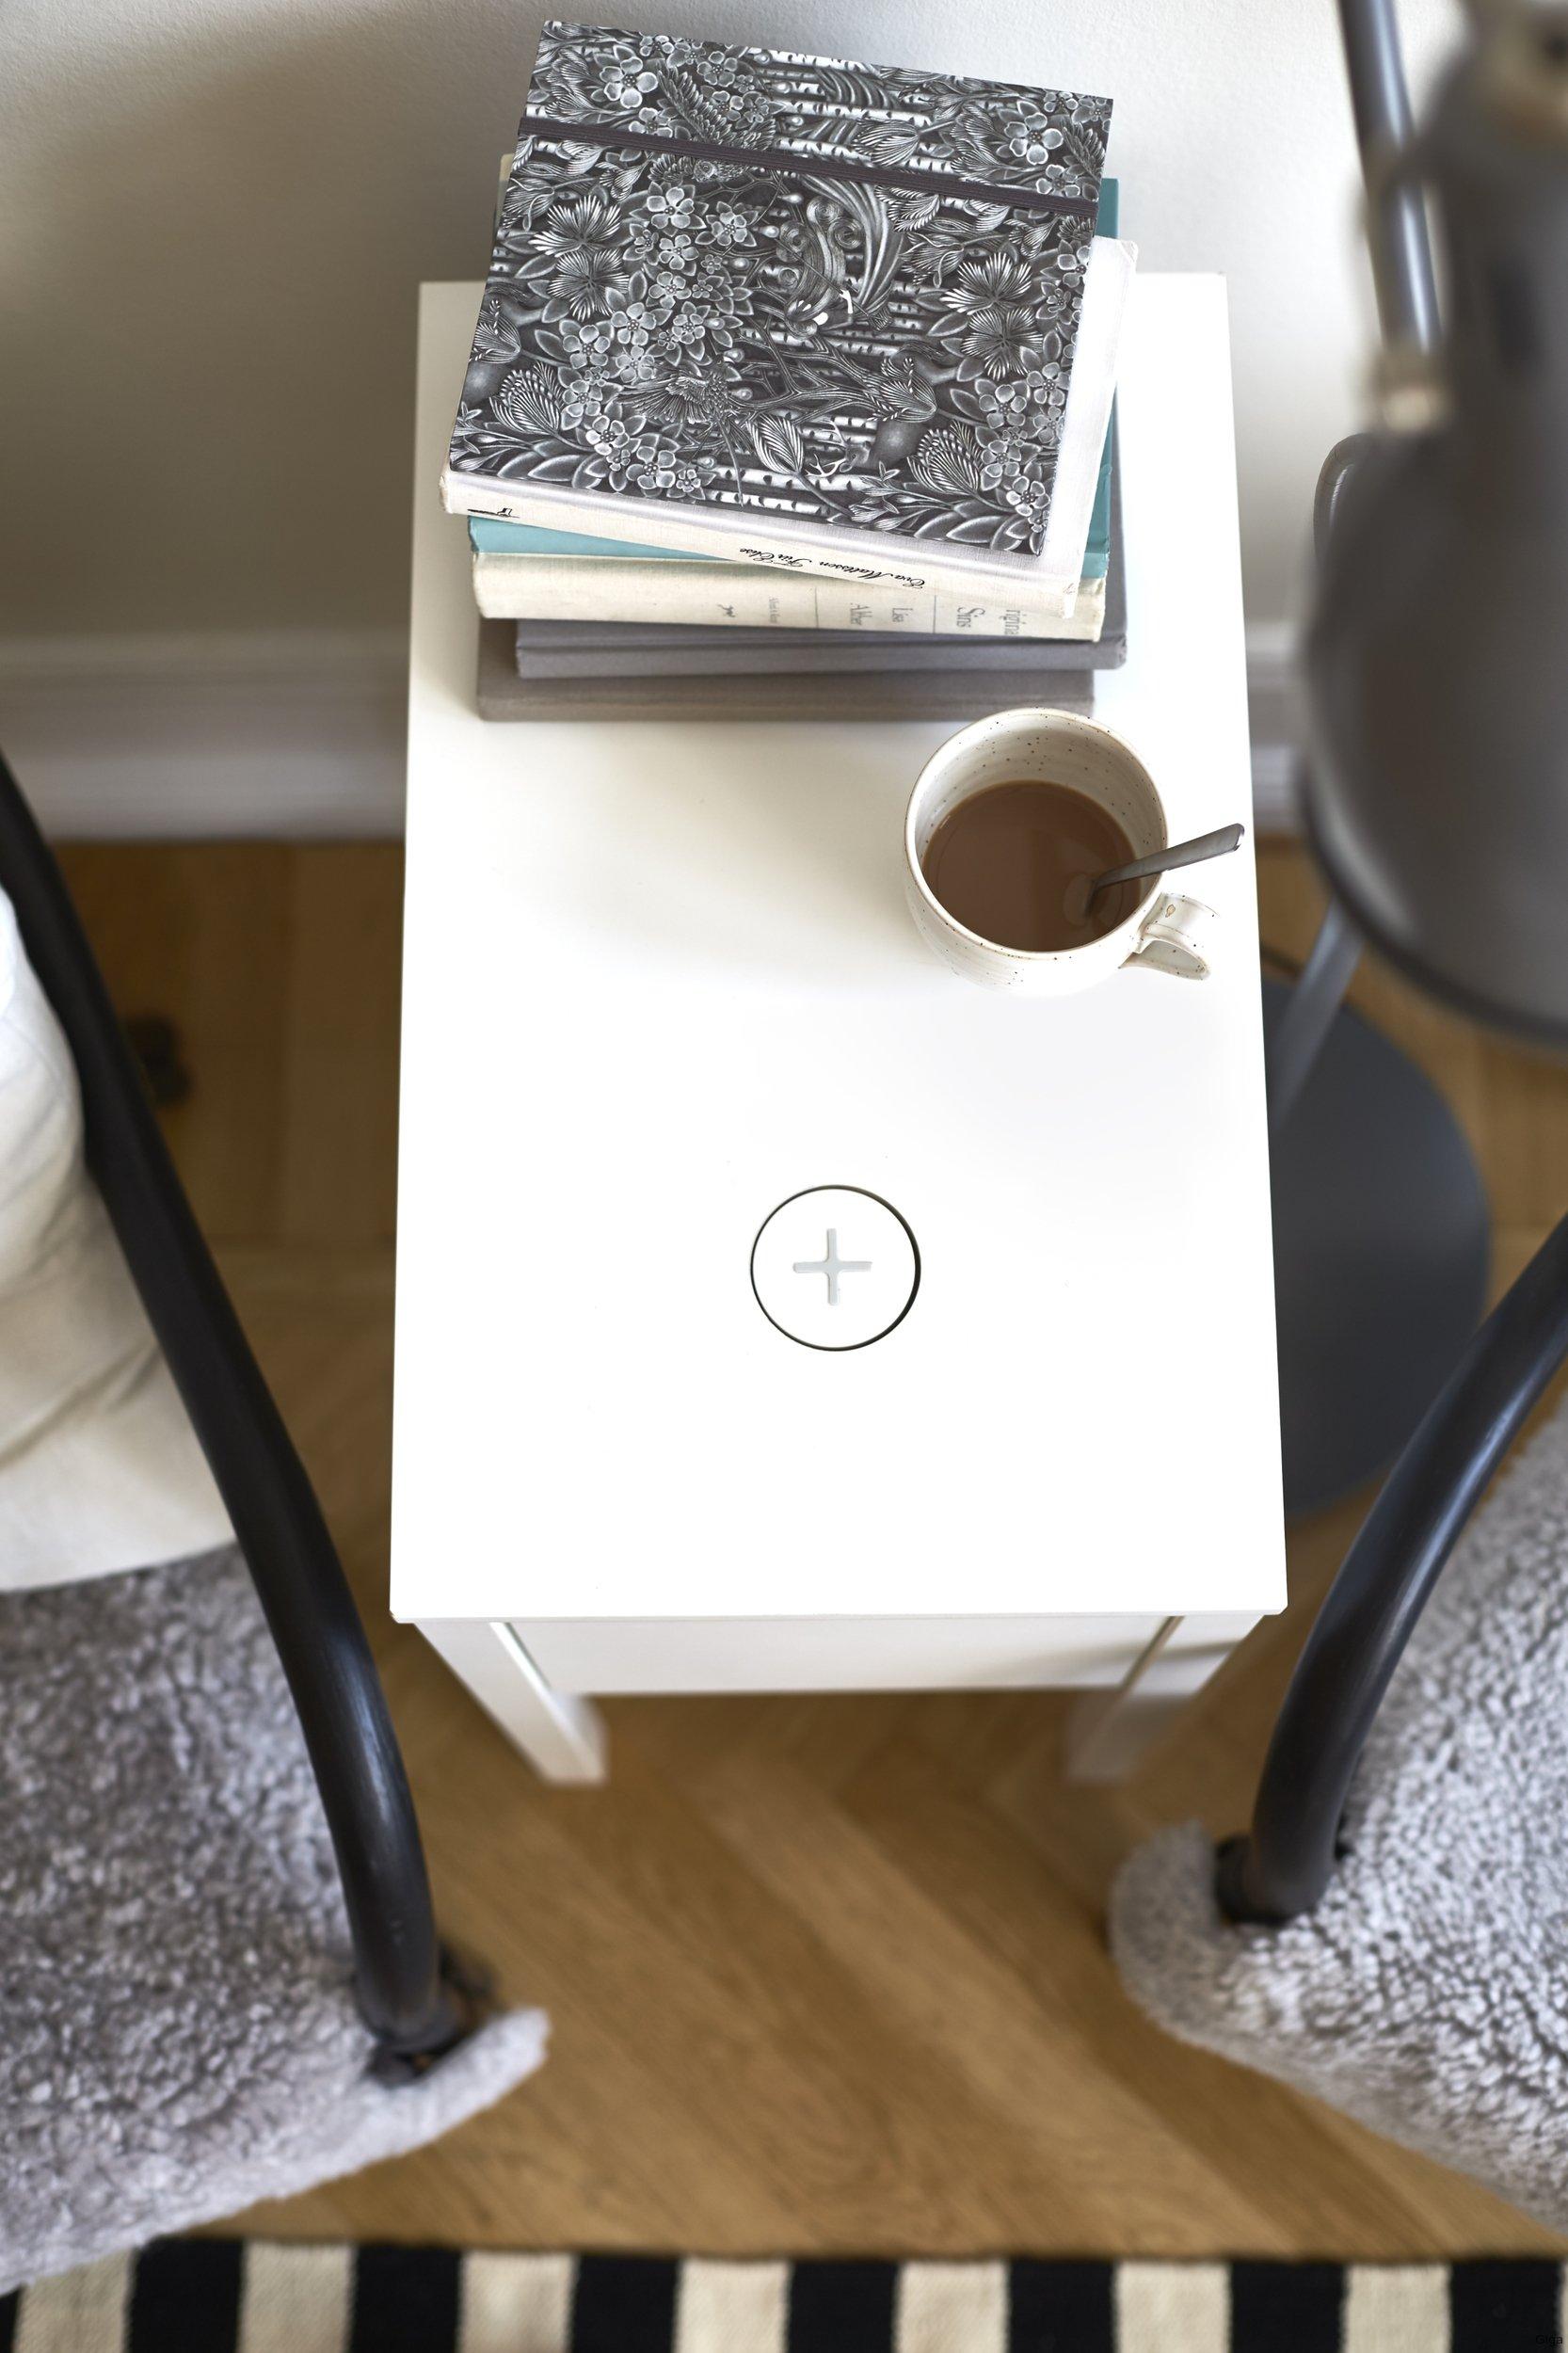 ikea integriert kabellose ladefunktion f r smartphones und co in nachttische und lampen giga. Black Bedroom Furniture Sets. Home Design Ideas